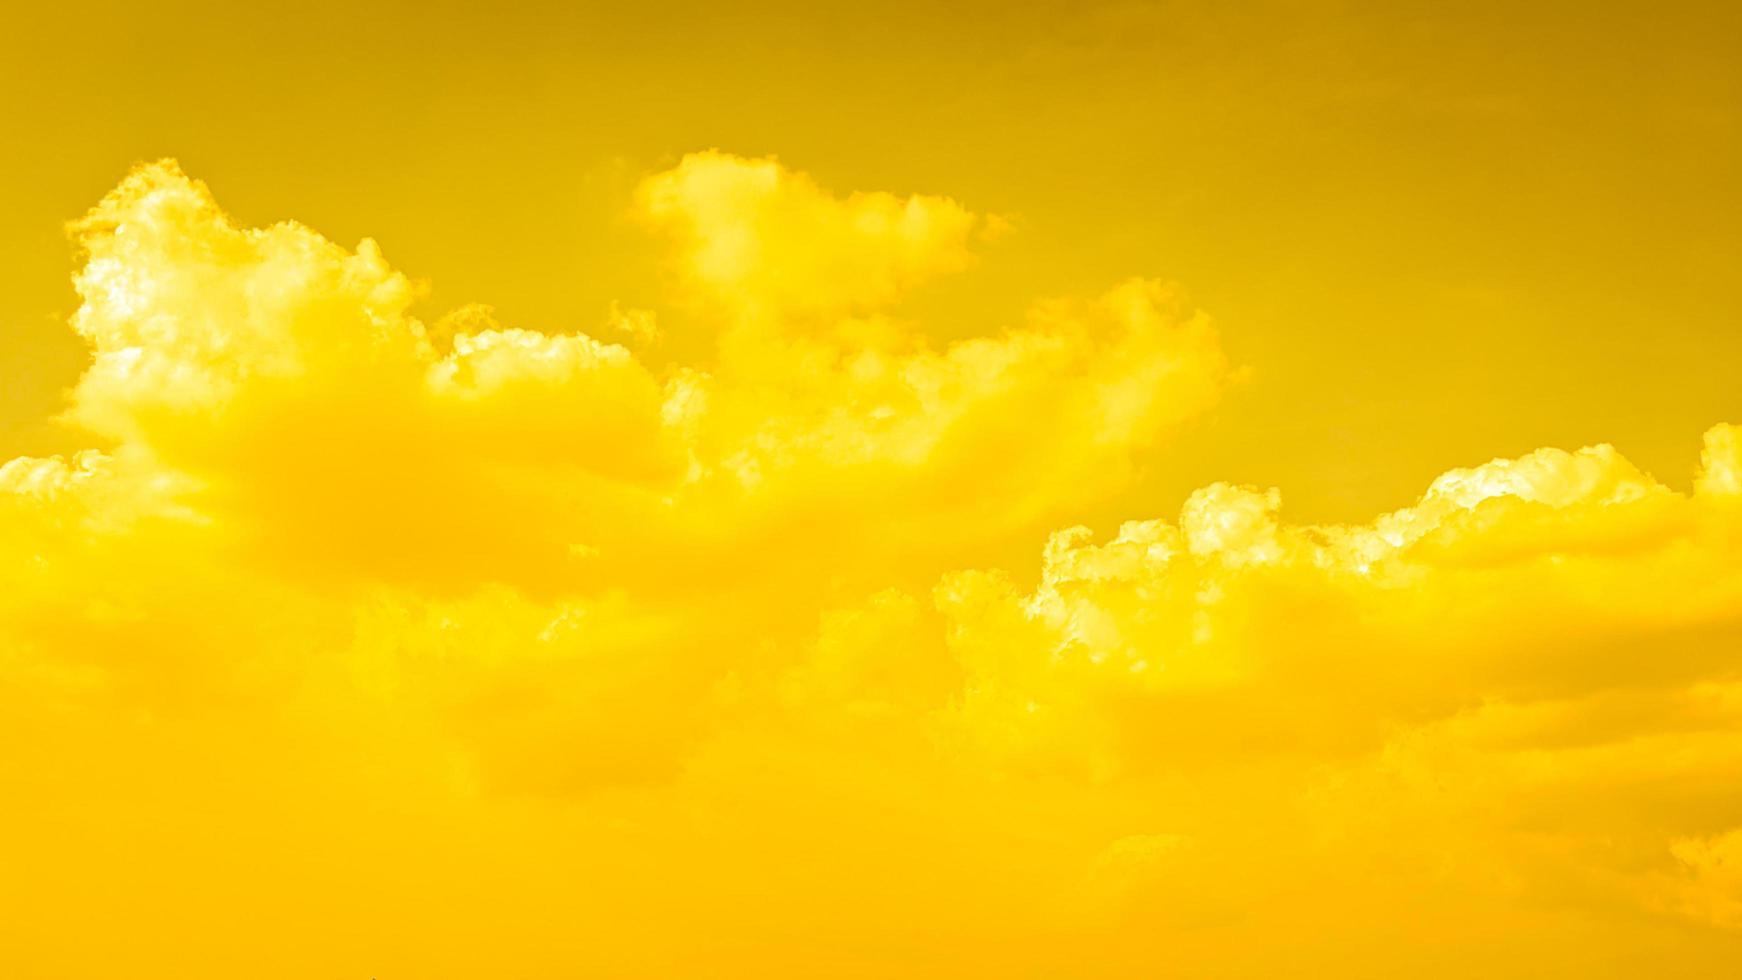 abstracte achtergrond van geel bewolkt foto